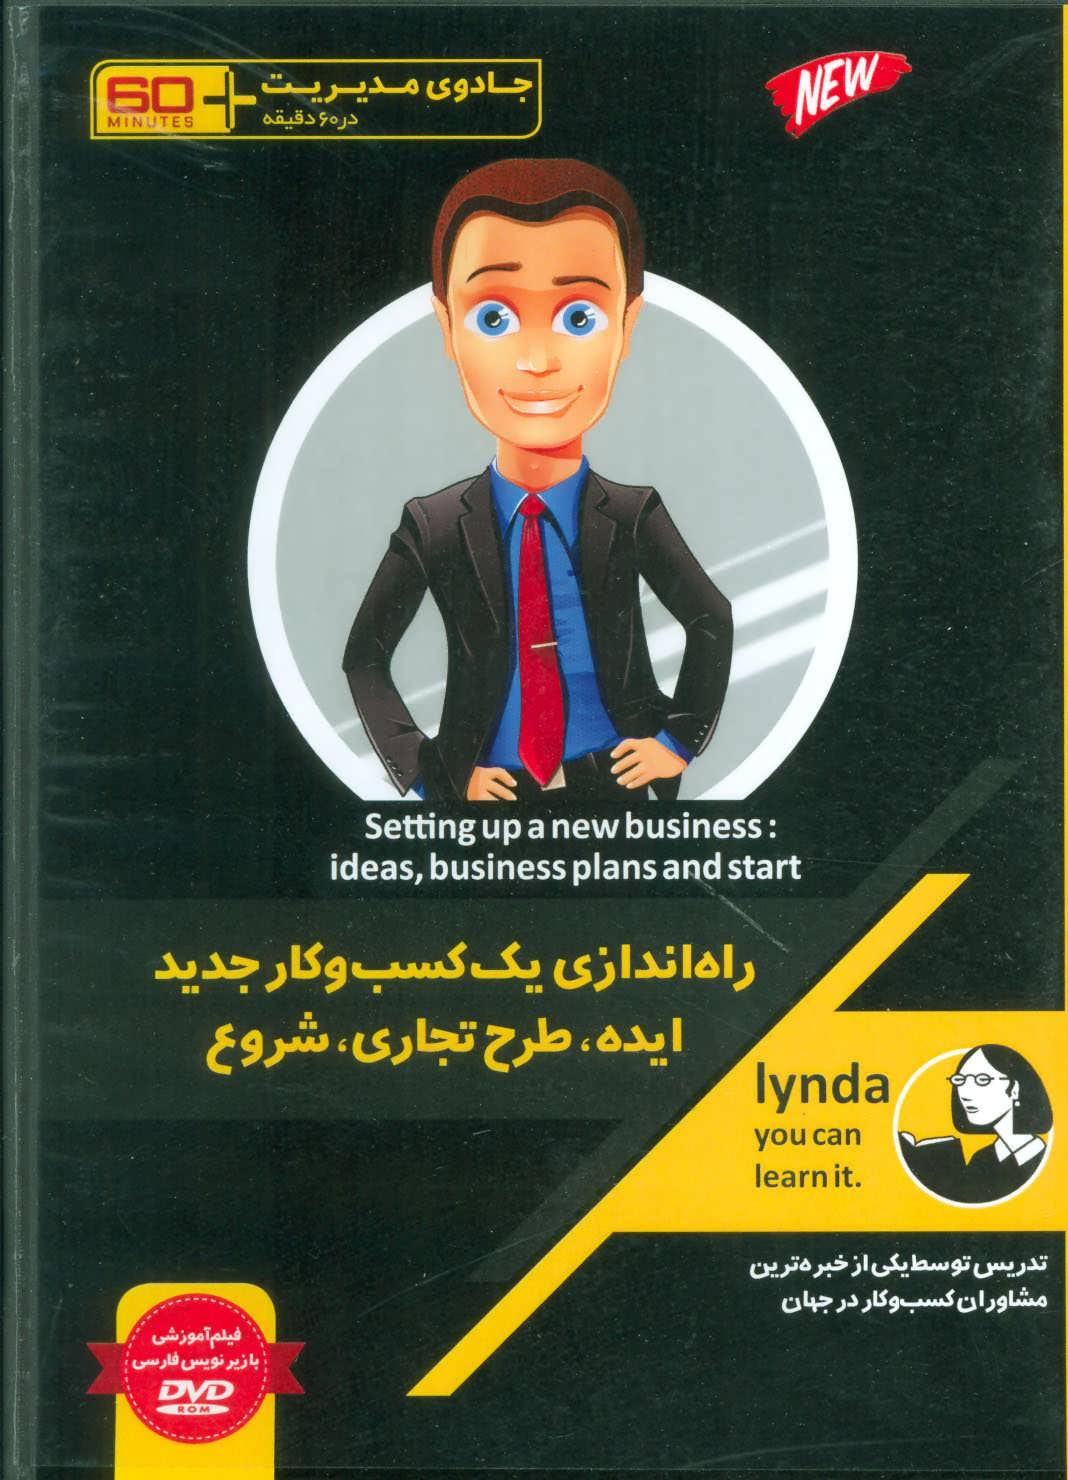 فیلم آموزشی راه اندازی یک کسب و کار جدید ایده،طرح تجاری،شروع (جادوی مدیریت در60 دقیقه)،(باقاب)